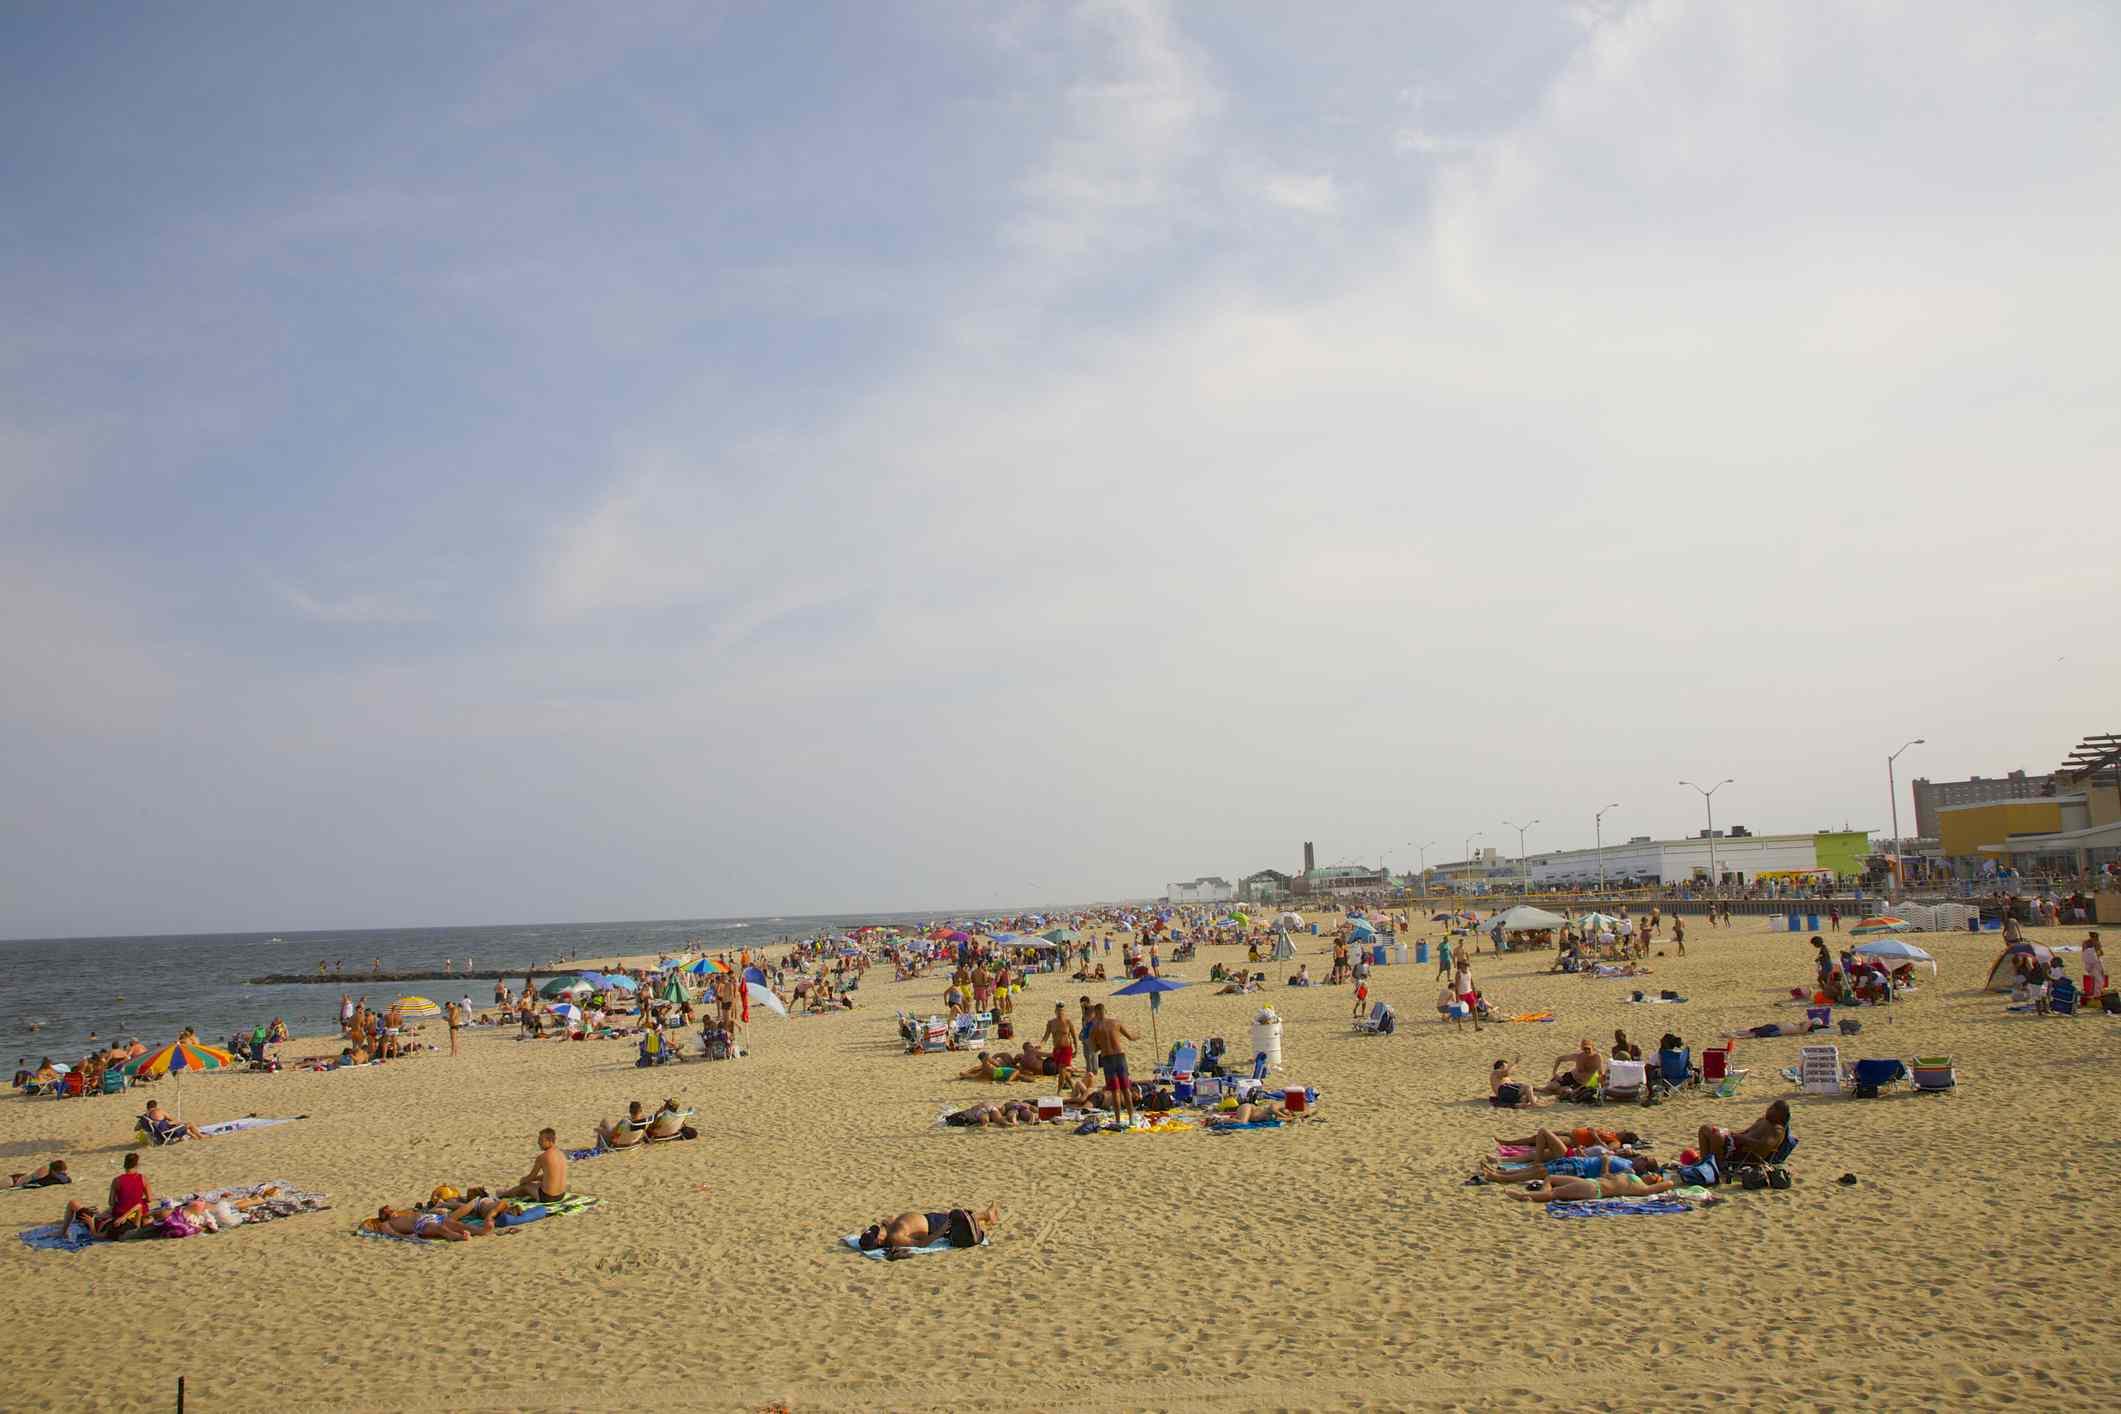 People on Asbury Park beach, NJ